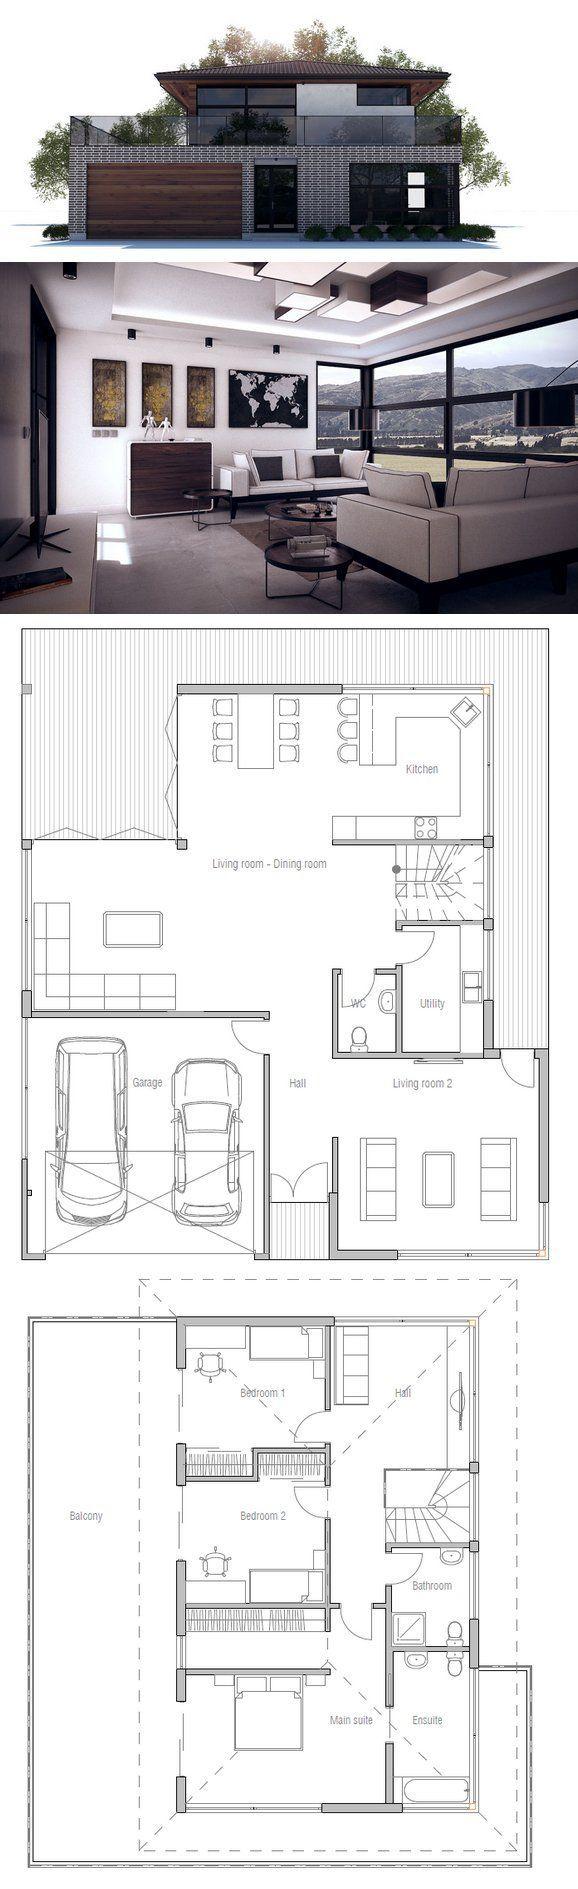 """Über 1.000 Ideen zu """"Moderne Hausentwürfe auf Pinterest ... size: 578 x 1889 post ID: 2 File size: 0 B"""